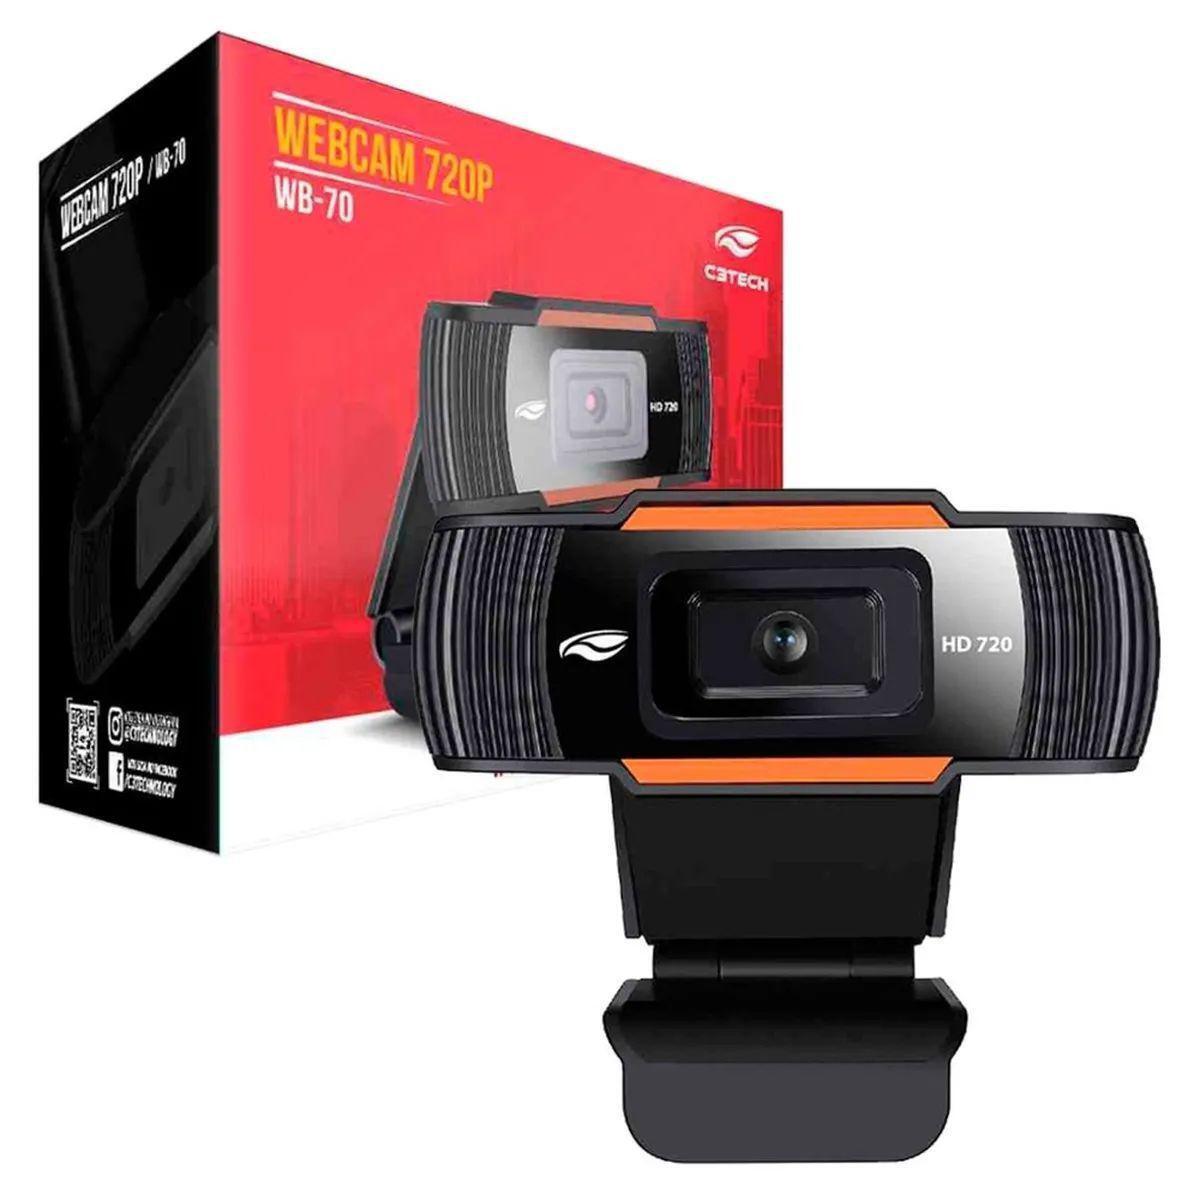 Webcam HD 720p com Microfone para Vídeo Conferência WB-70 C3Tech